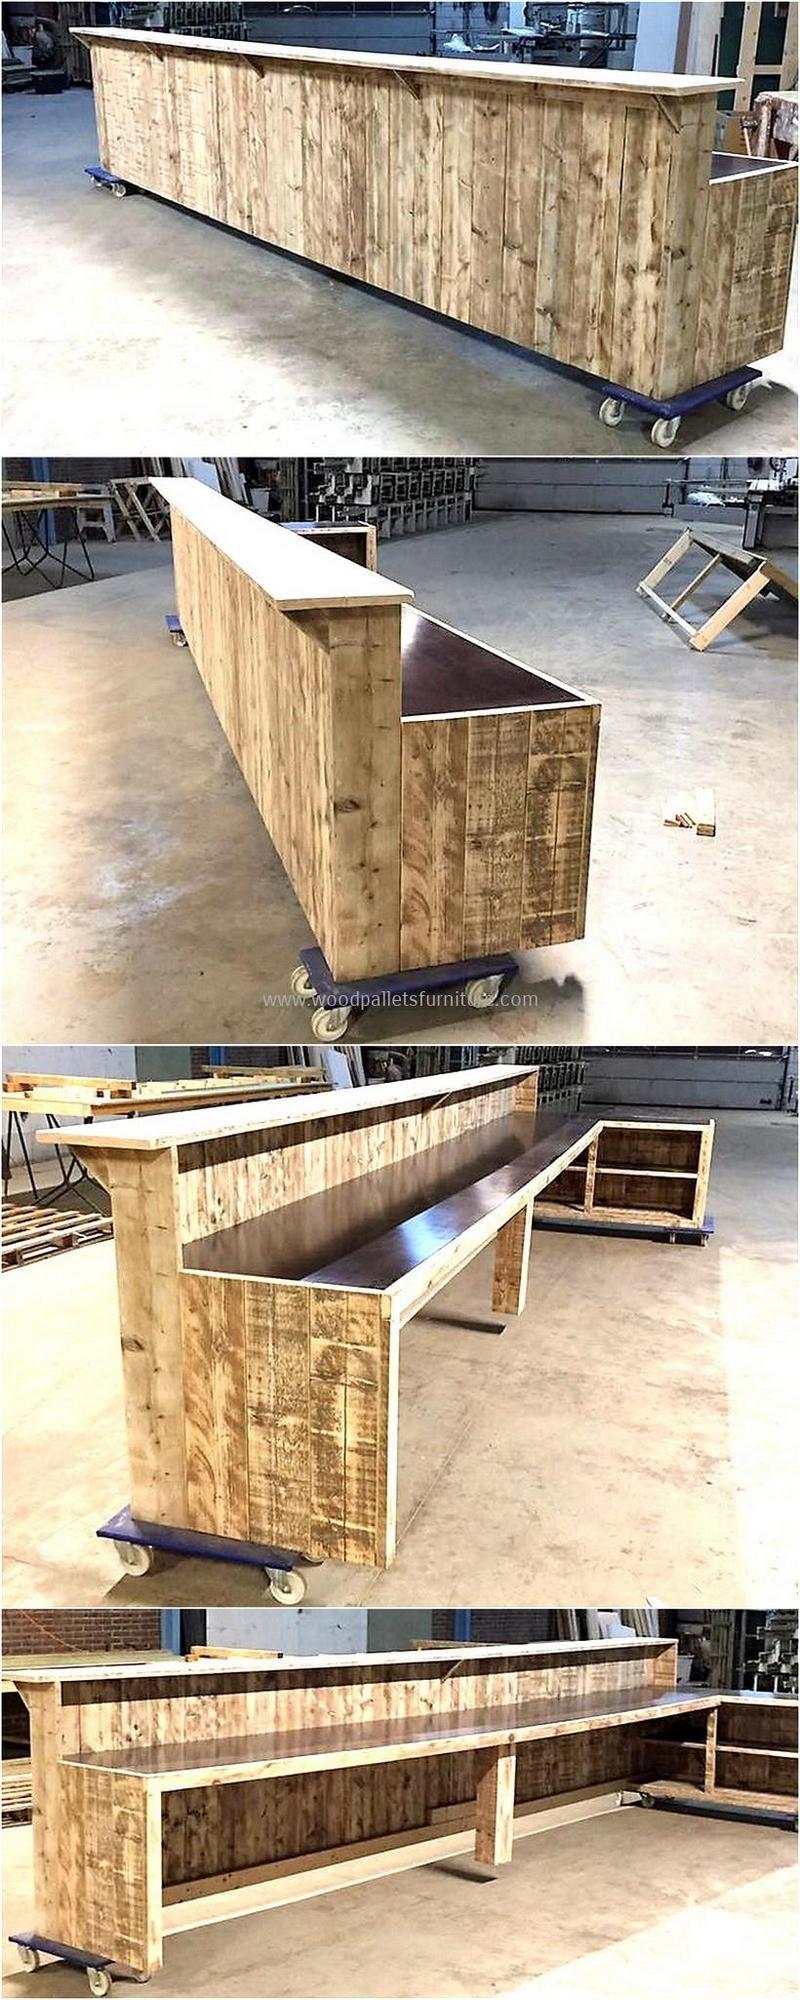 wood pallet bar plan 30 - 2